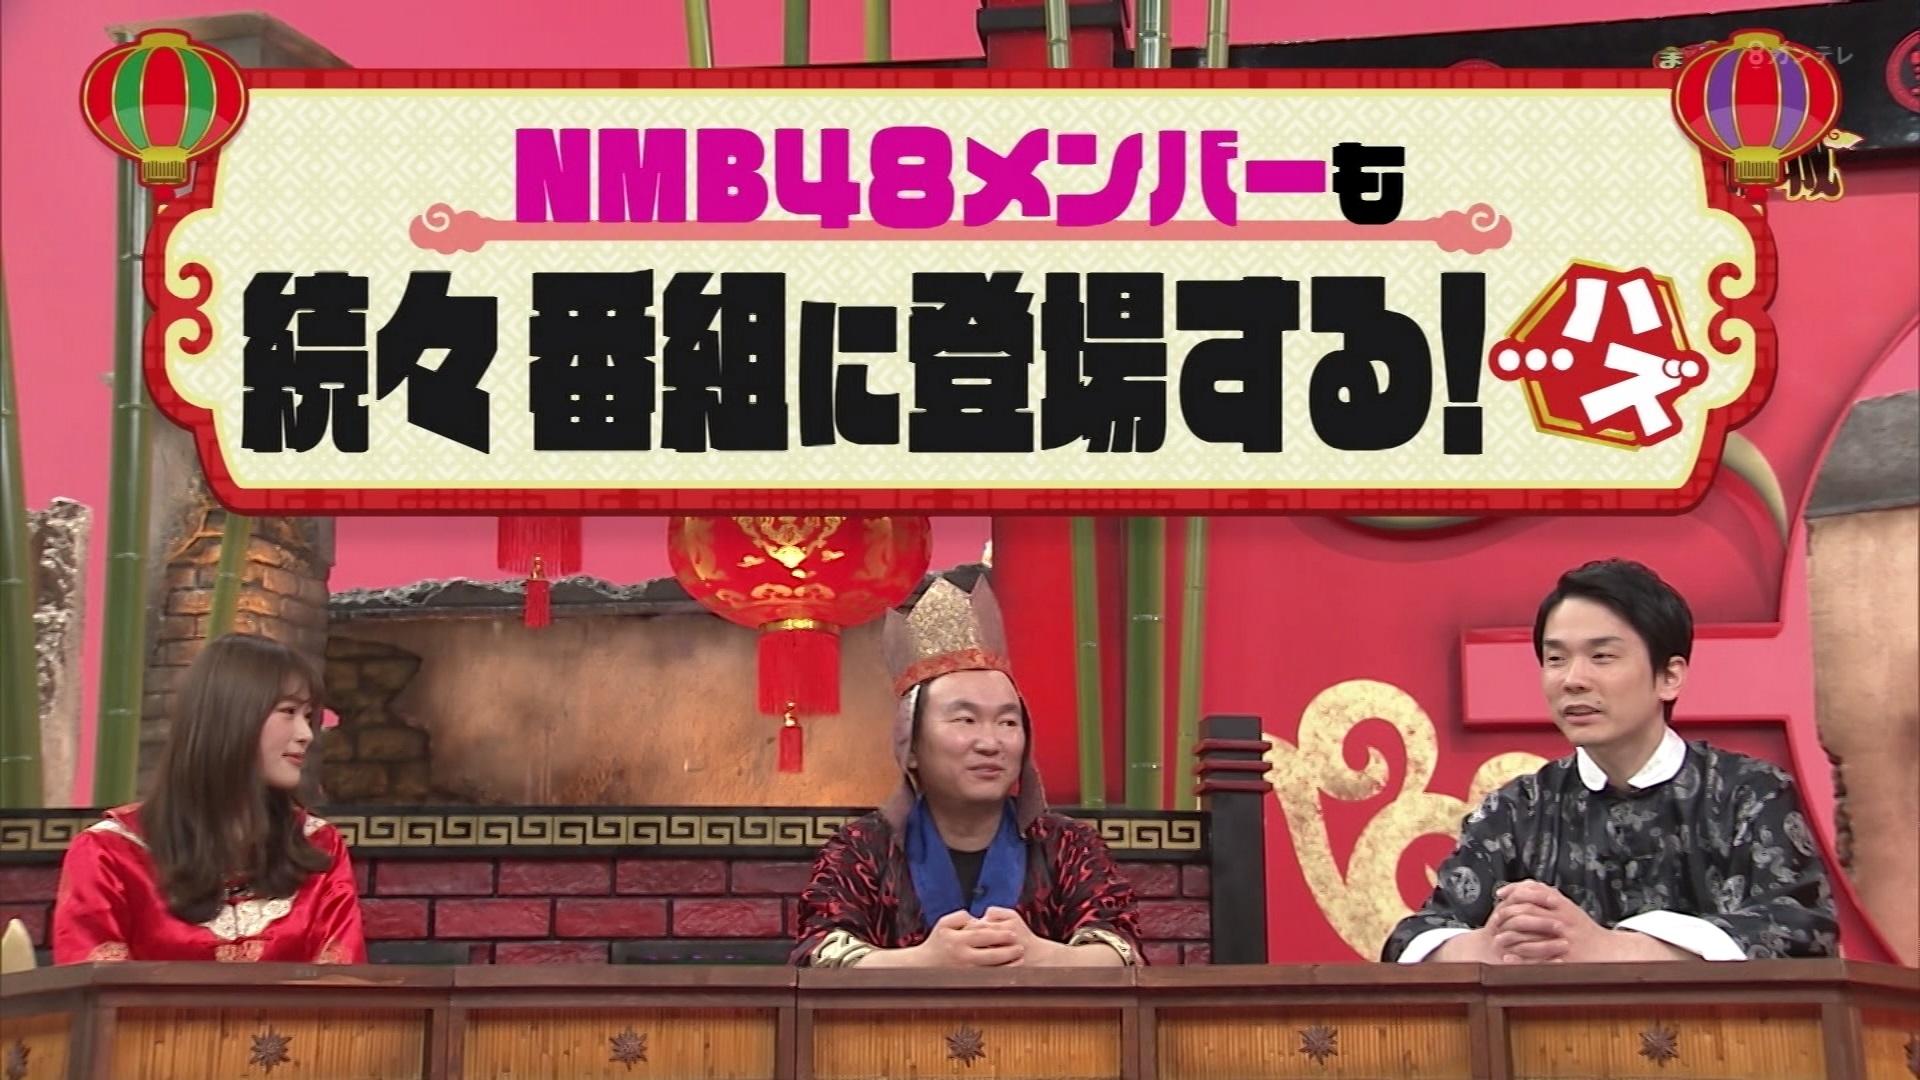 【NMB48】4月10日に放送された「かまいたちの机上の空論城」#1の画像